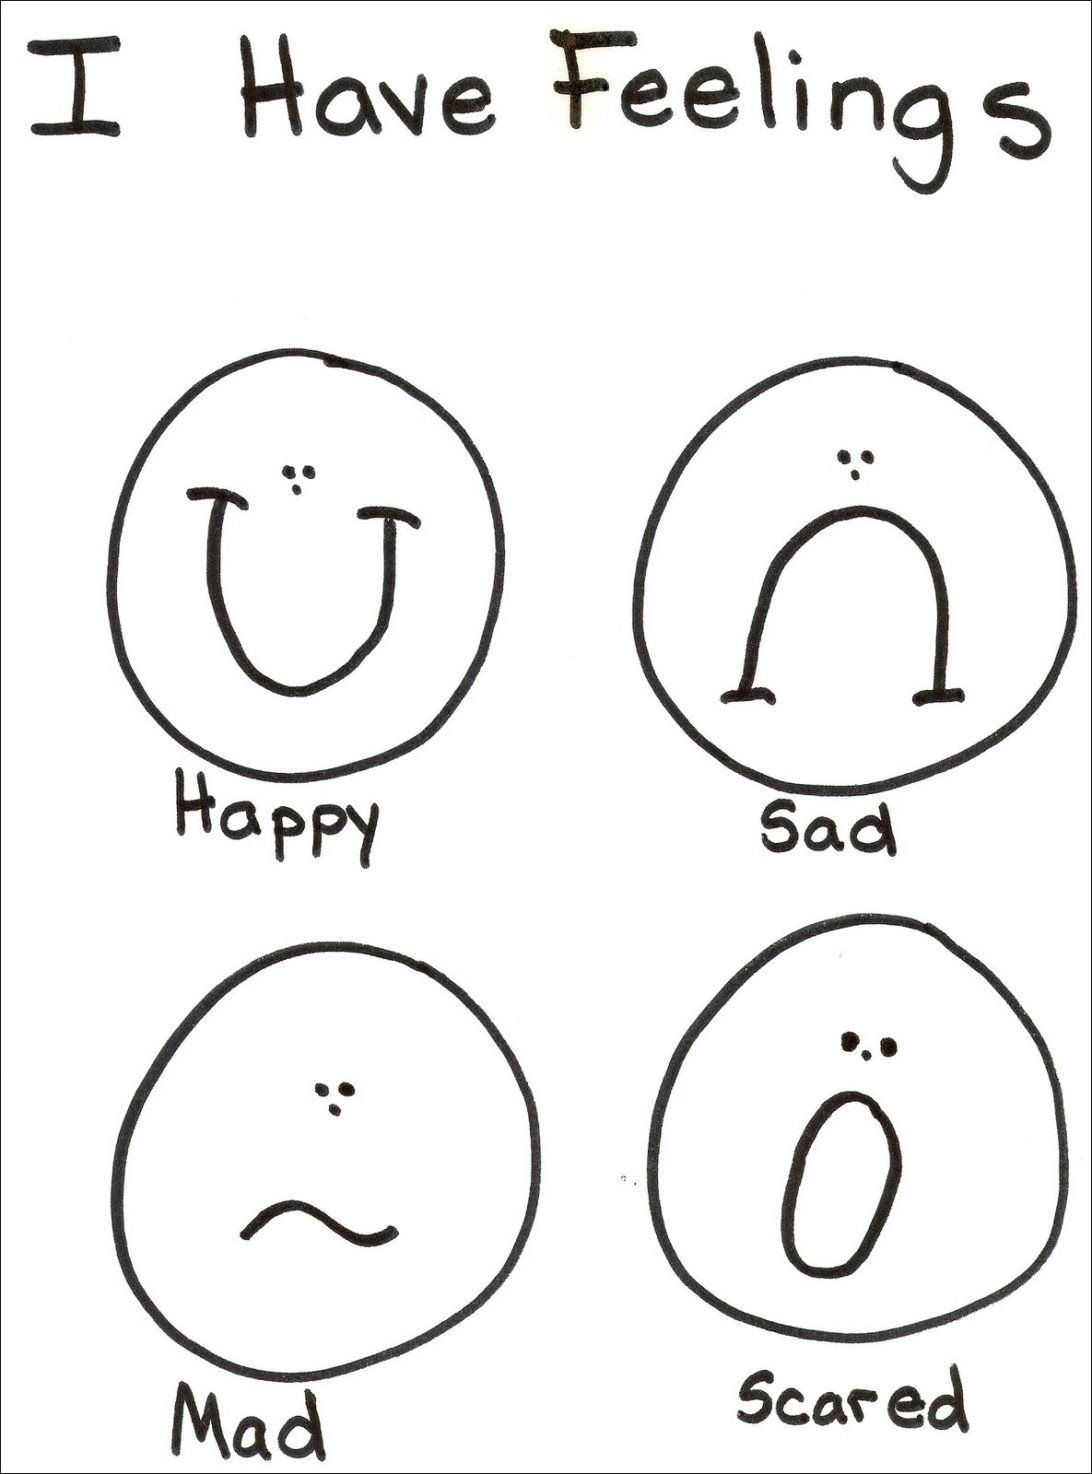 Free Printable Feelings Worksheets Top 12 Fantastic Free Printable Emotions Colori Emotions Preschool Kindergarten Worksheets Printable Kindergarten Worksheets Free preschool feelings worksheets